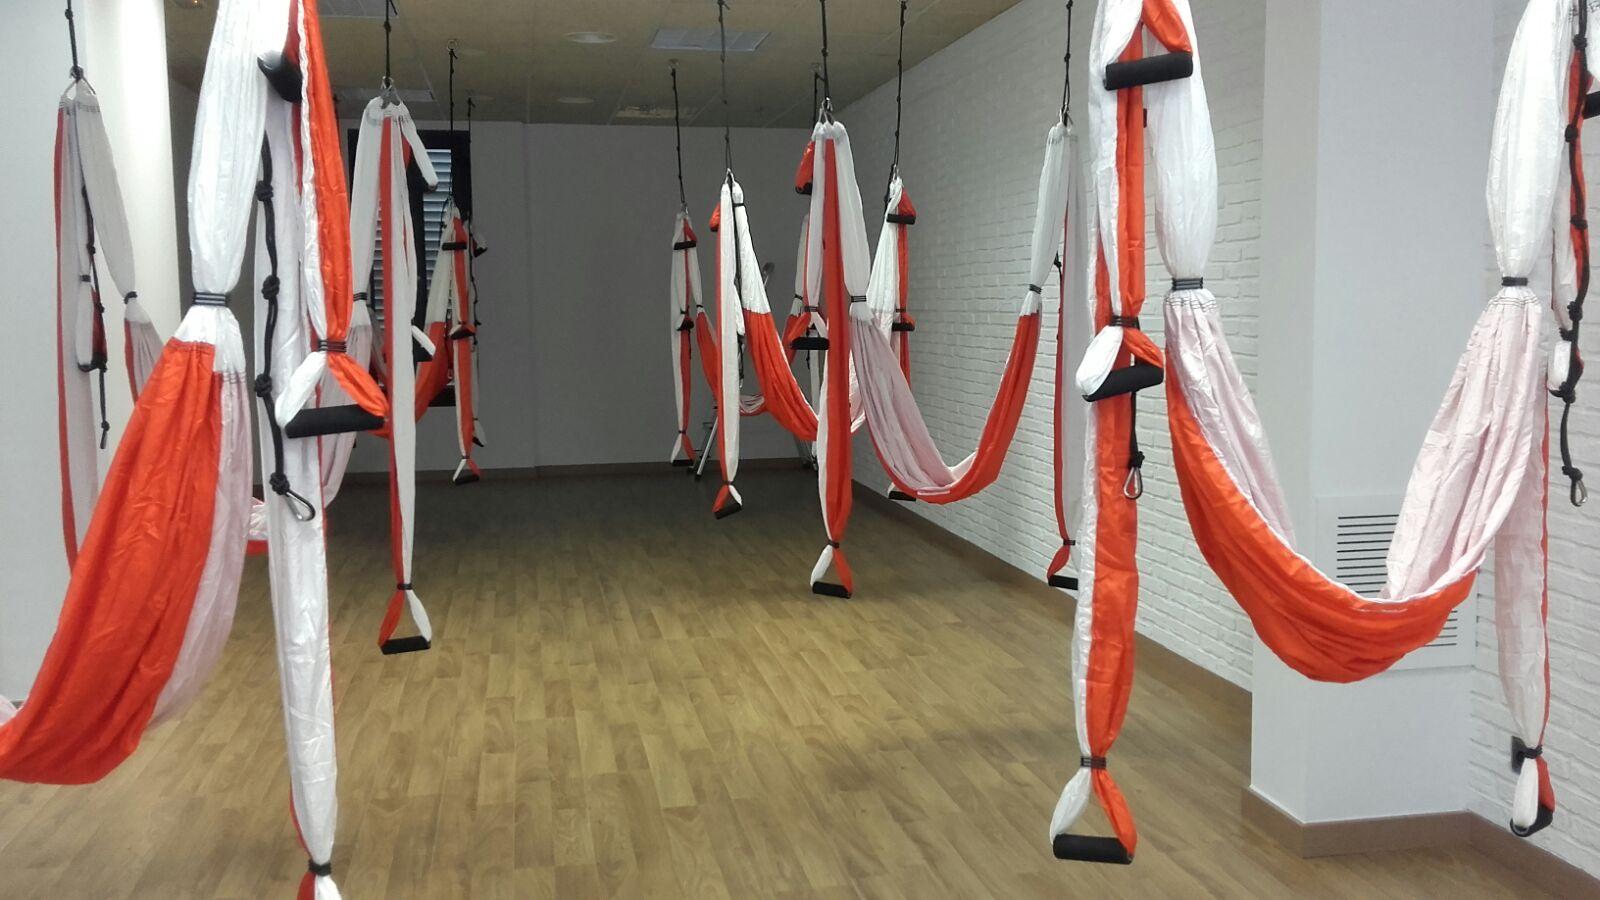 Foto 1 Oferta Gimnasio Experience yoga & pilates Cornellà de Llobregat - GymForLess